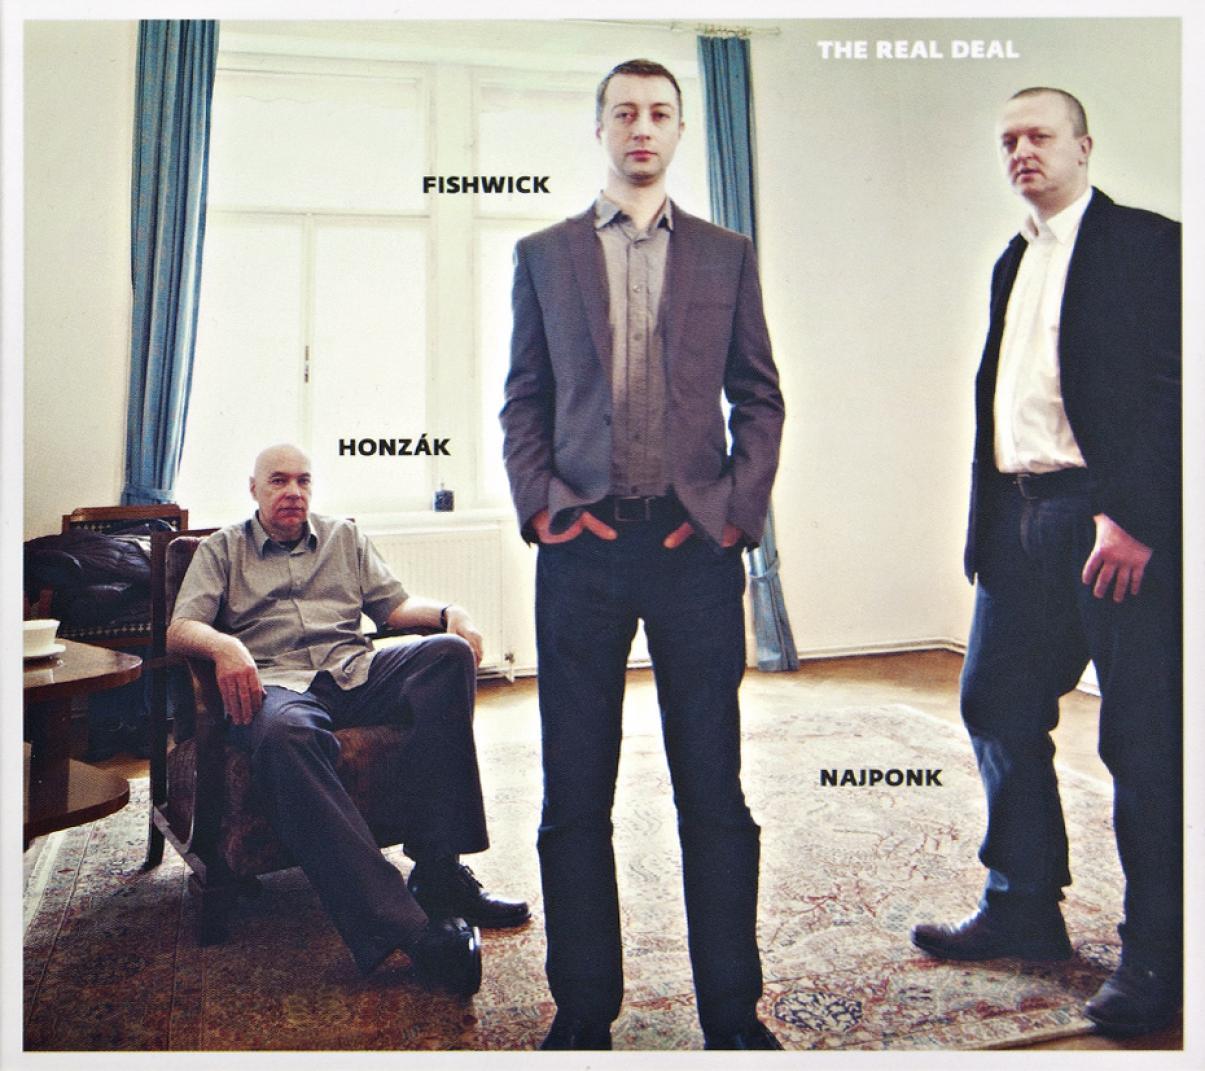 Najponk / Jaromír Honzák / Matt Fishwick: The Real Deal